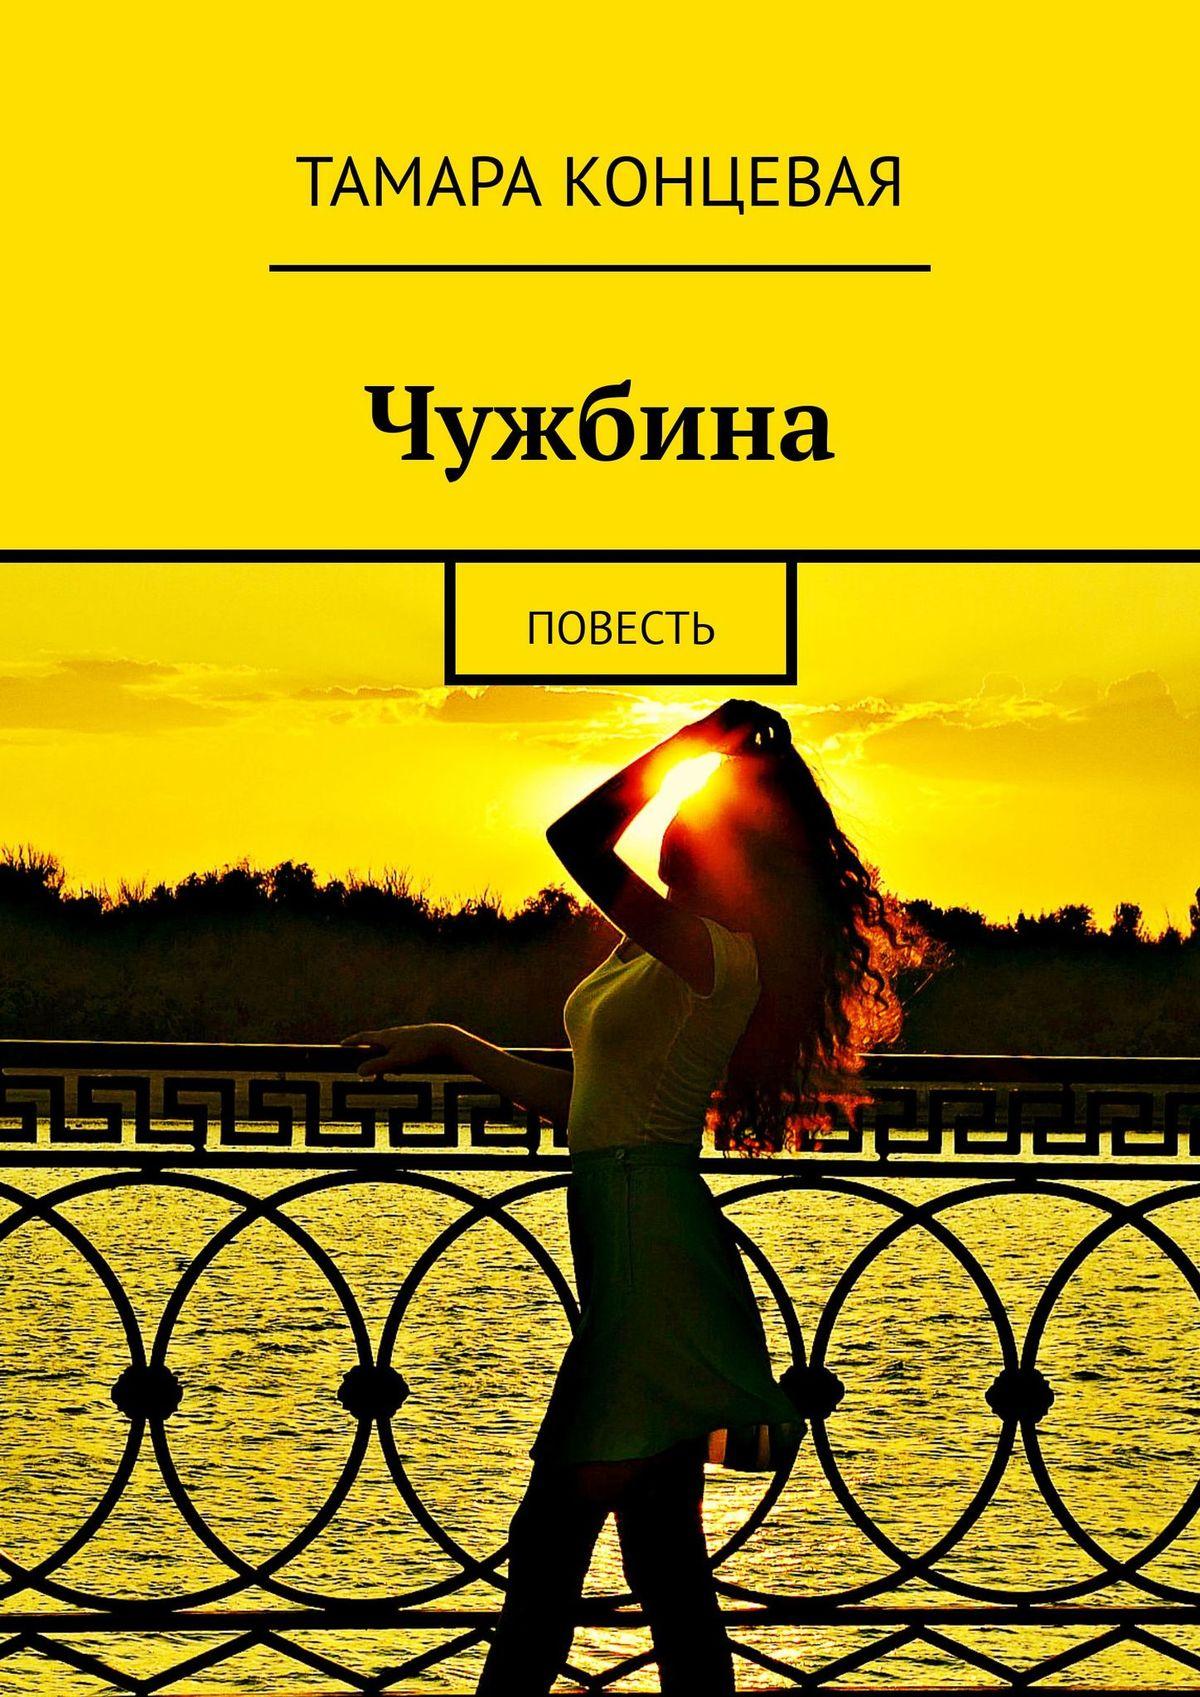 ispoved o pervoy lyubvi priklyuchencheskaya povest